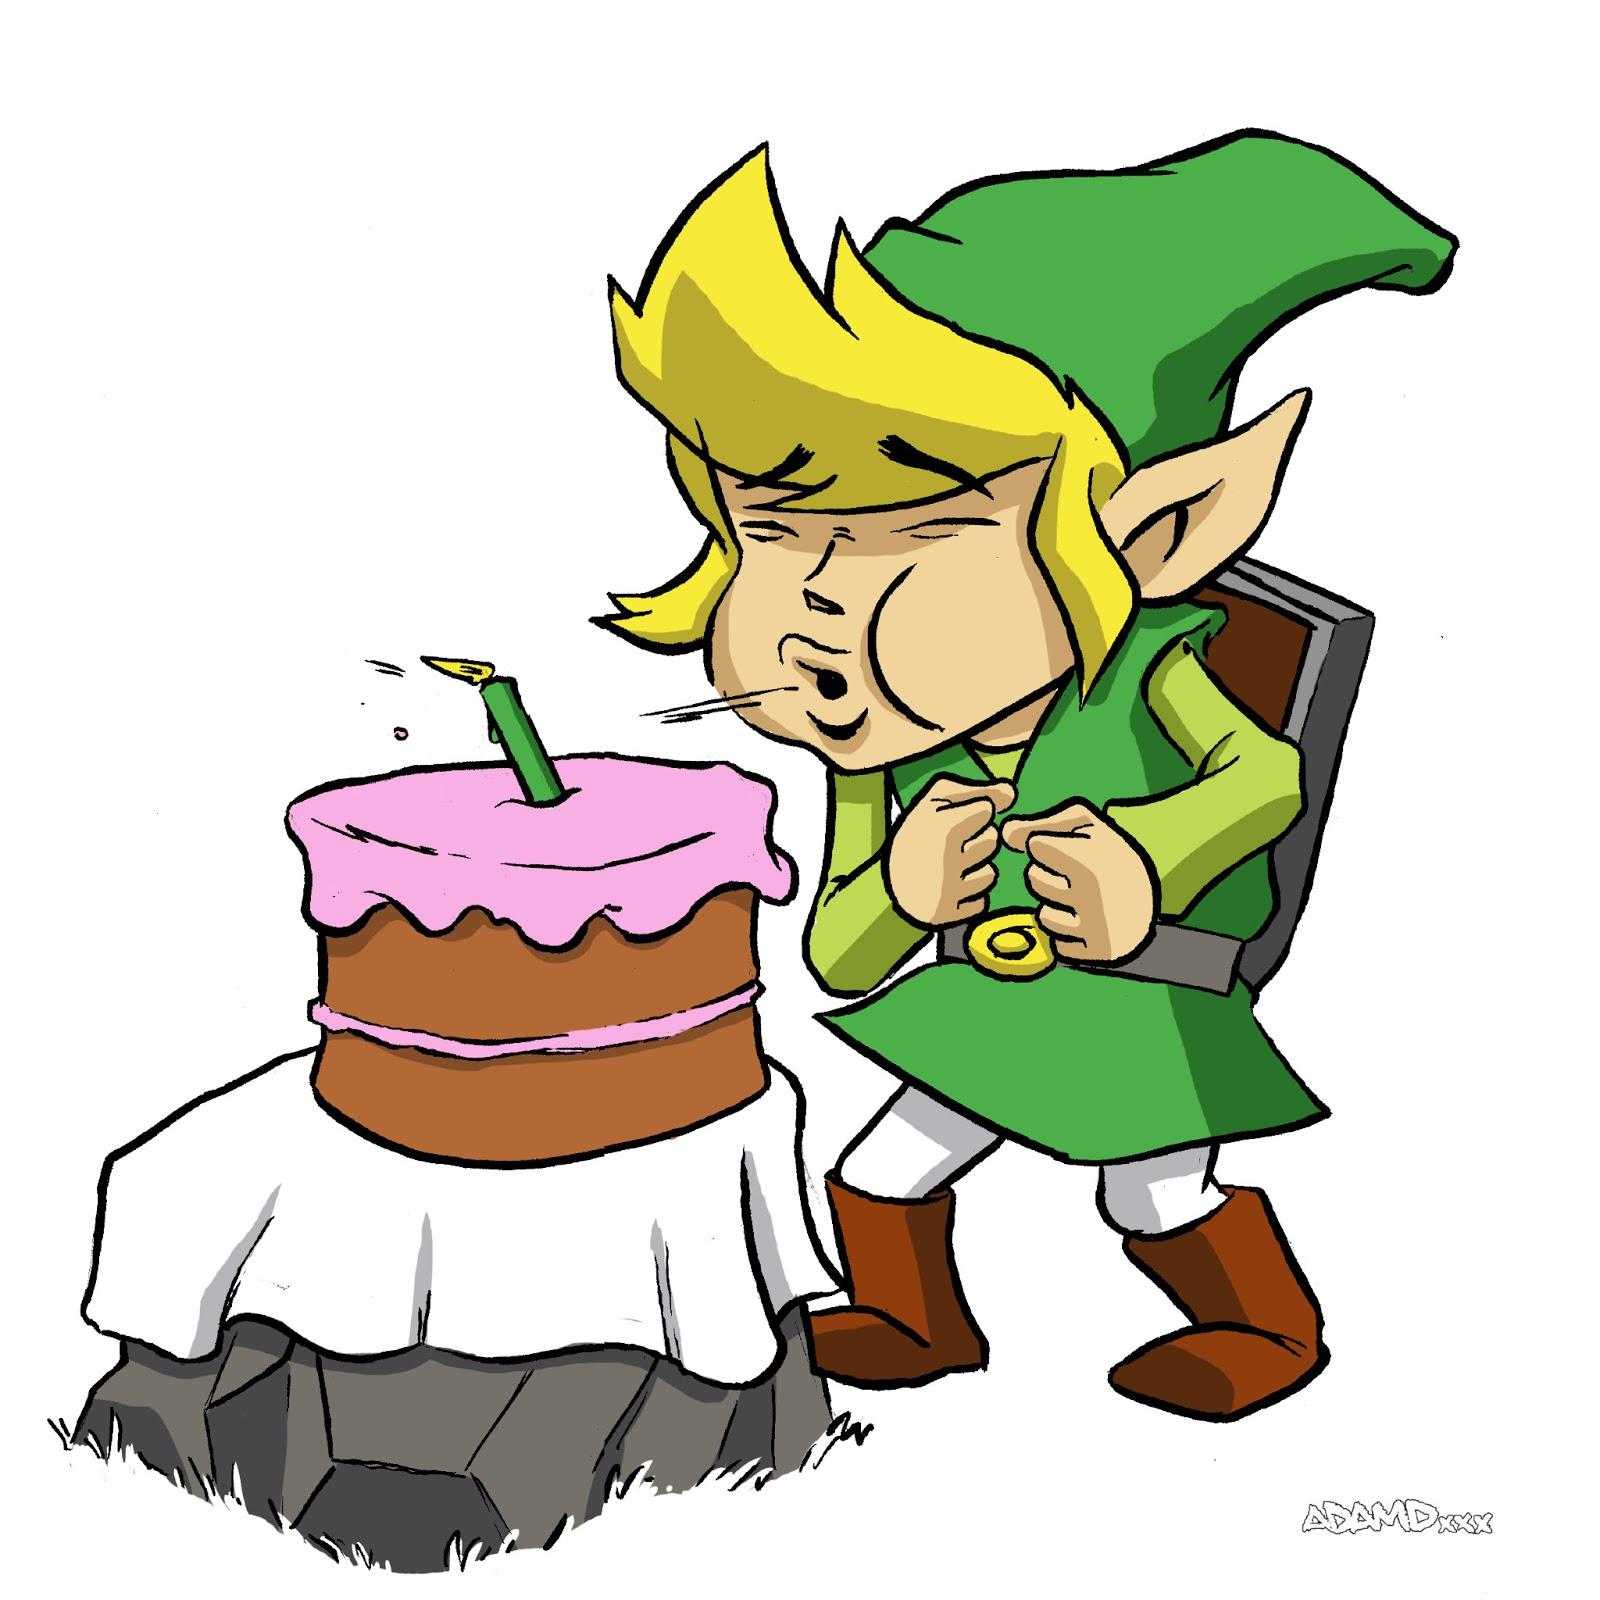 zelda happy birthday XADAMDX: Happy Birthday Legend Of Zelda! zelda happy birthday